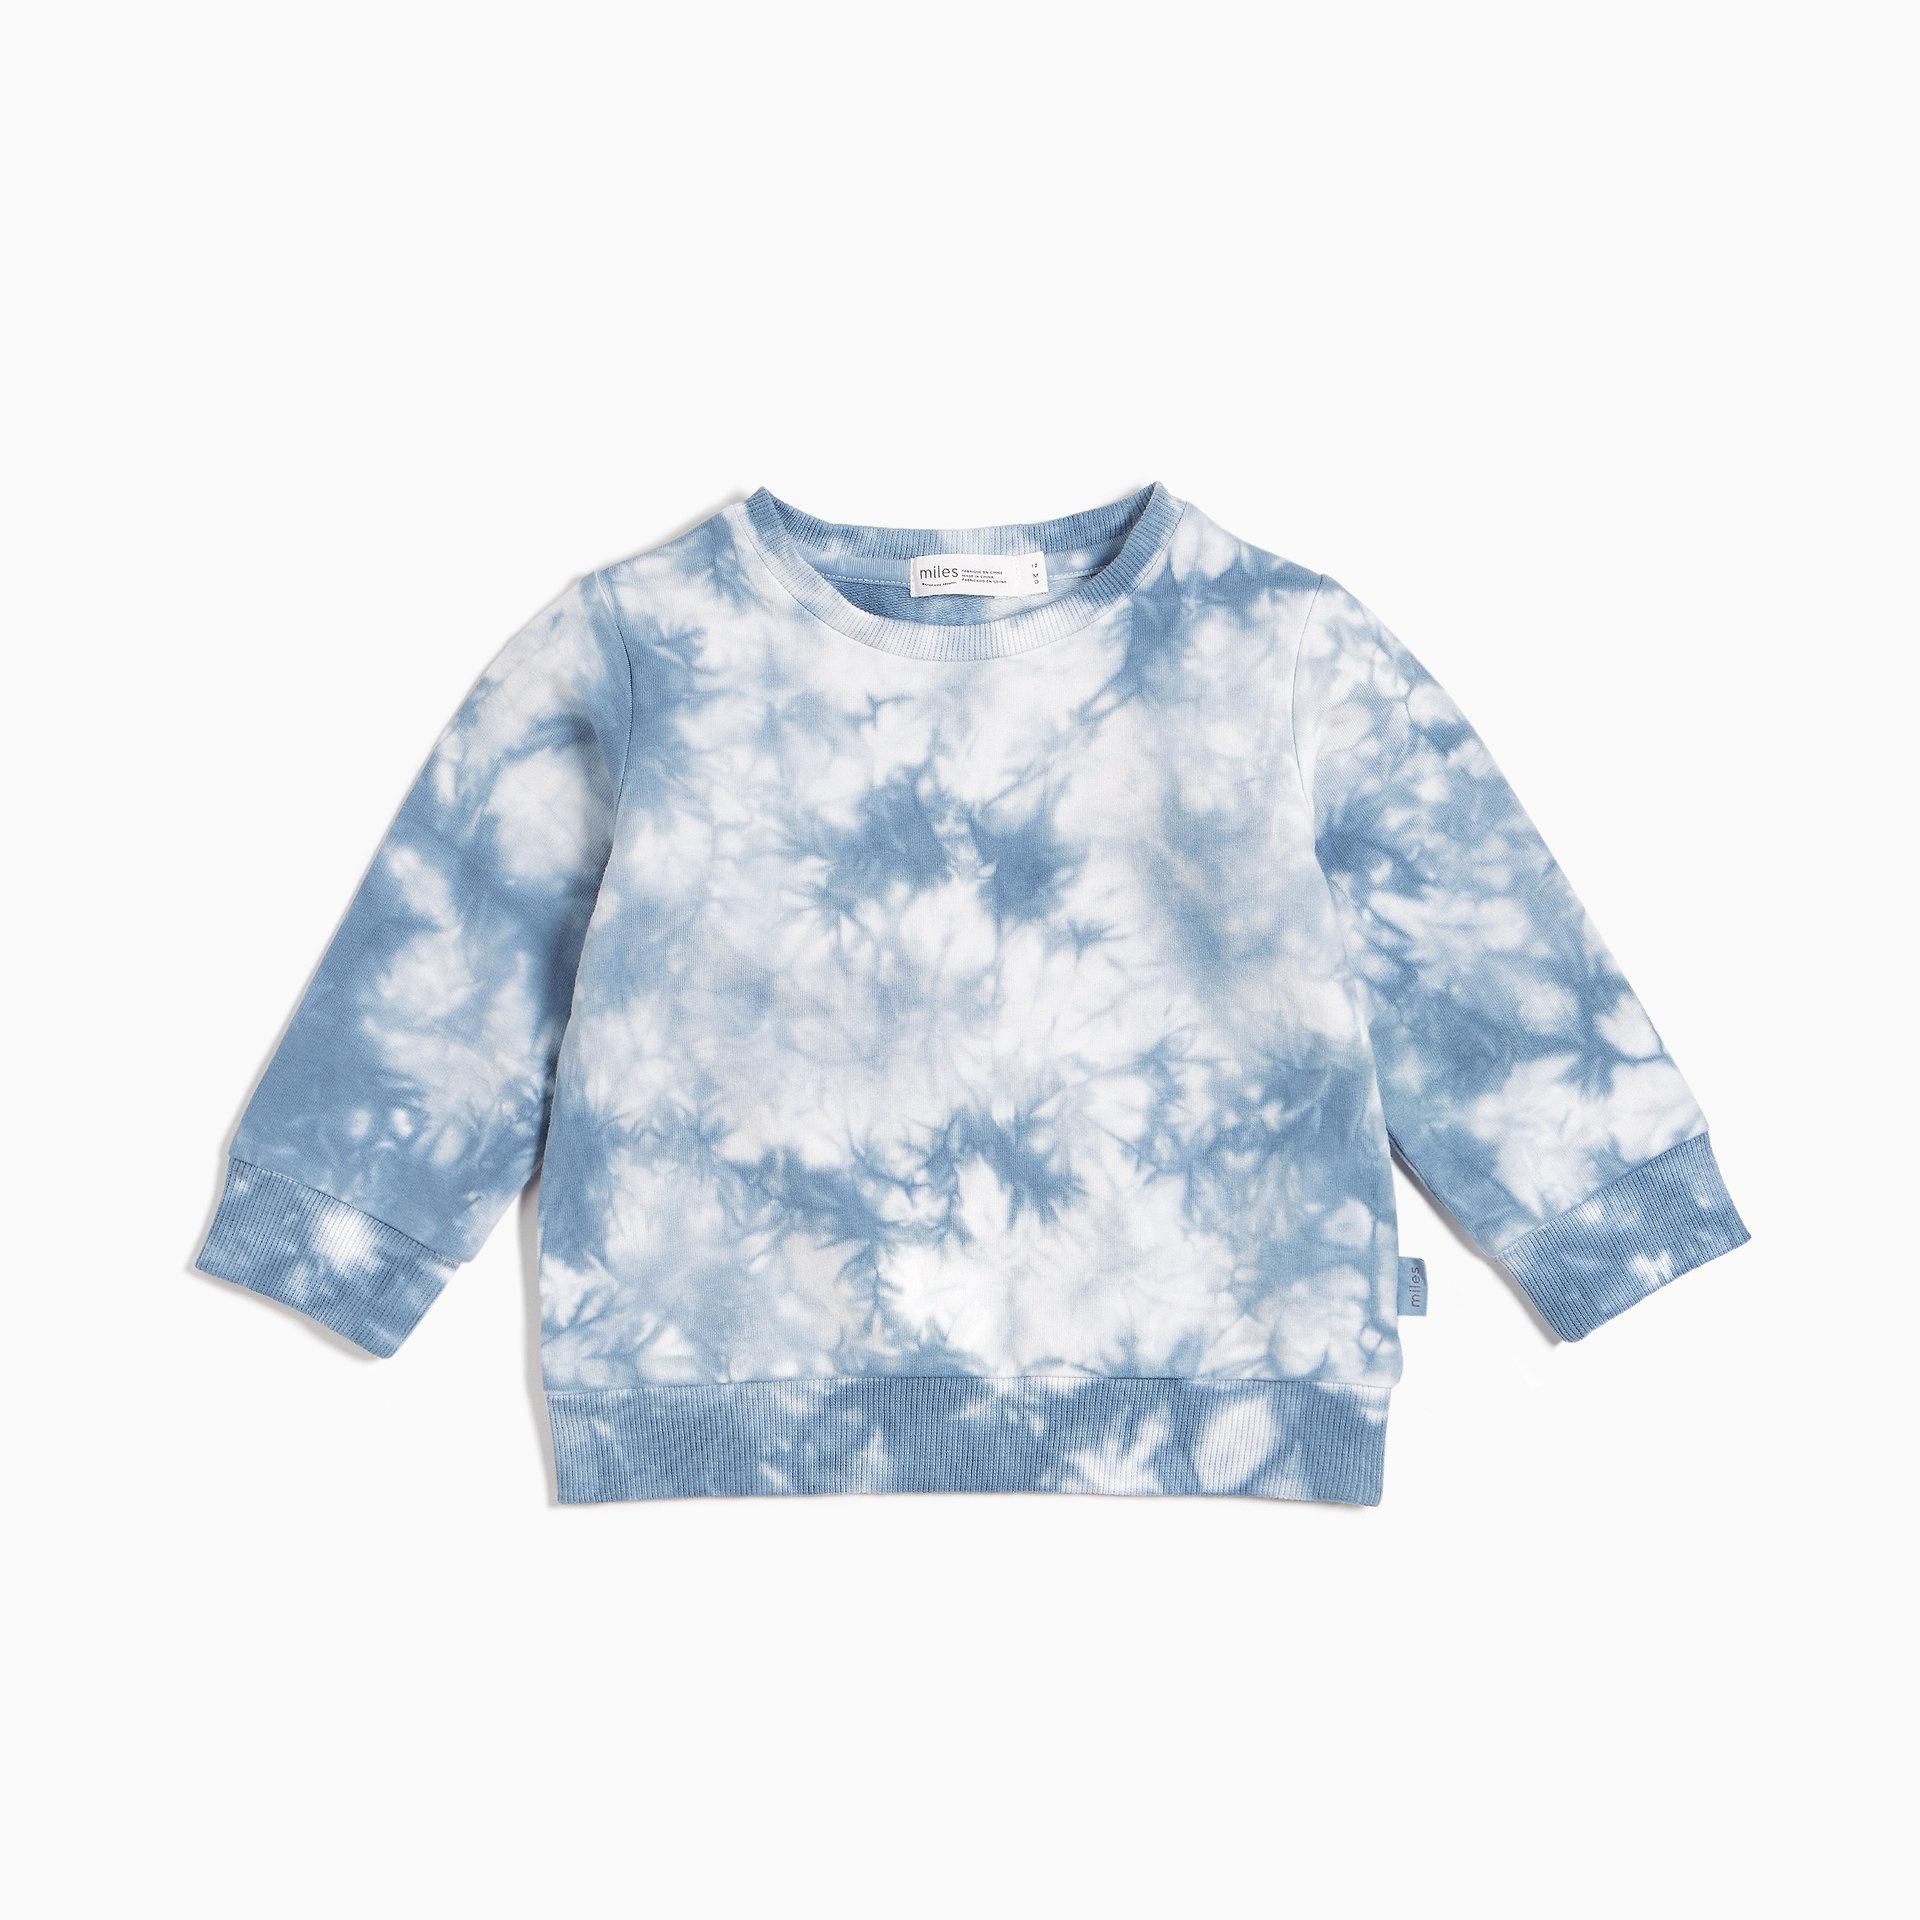 Miles Baby Miles Baby Candy Sky Tie Die Sweatshirt Infant